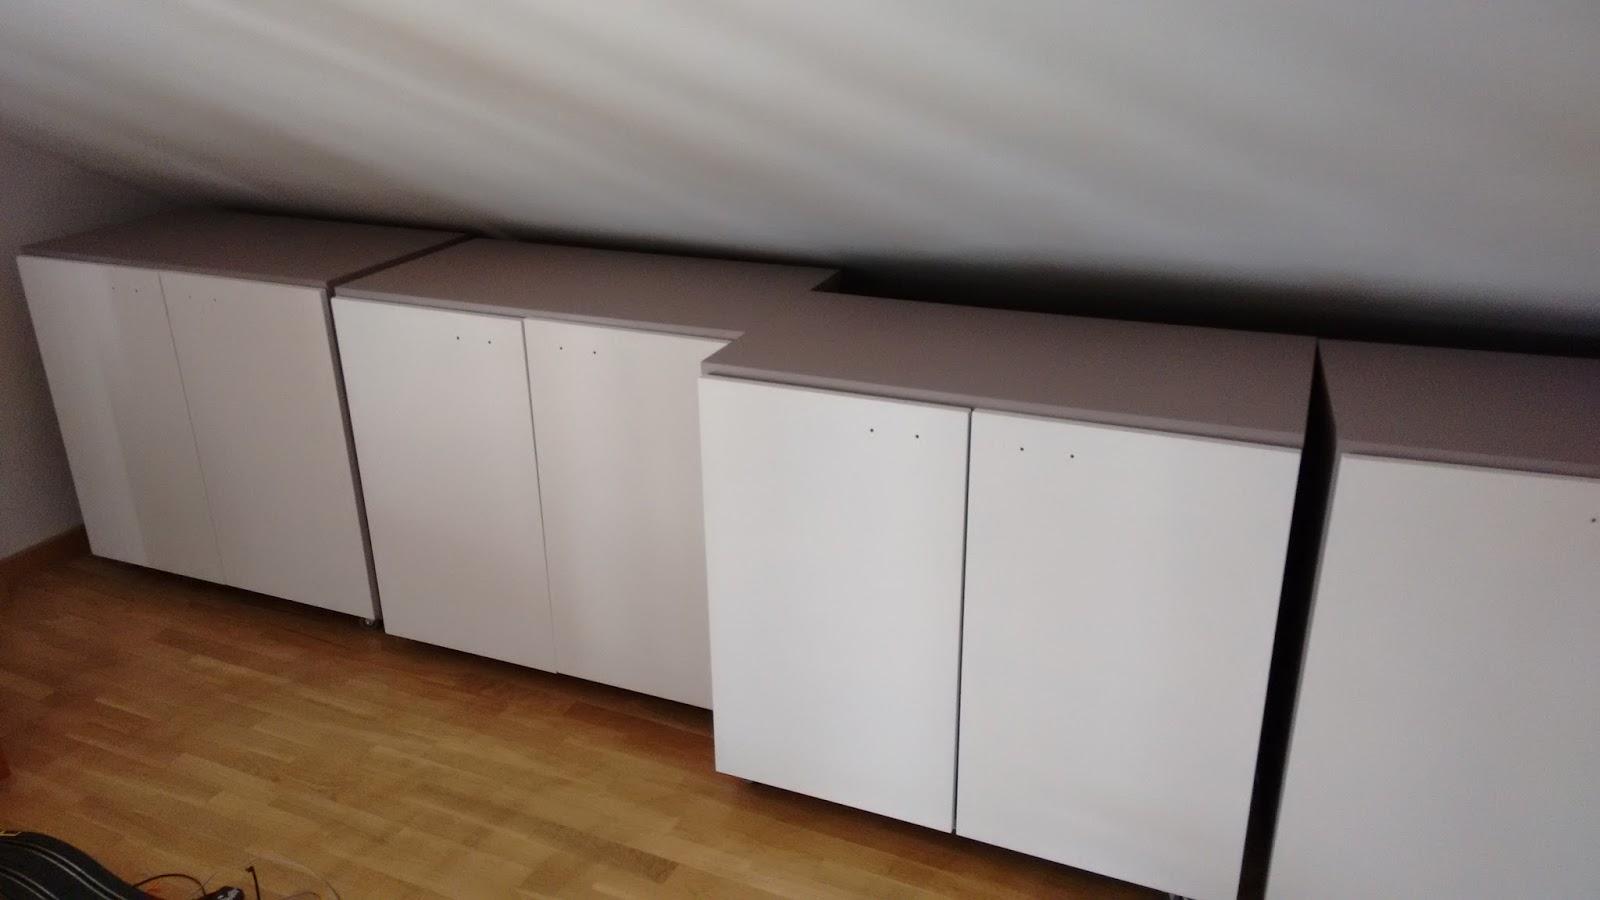 Muebles Para Buhardillas Los Muebles En La Cocina Una Idea  # Muebles Buhardilla